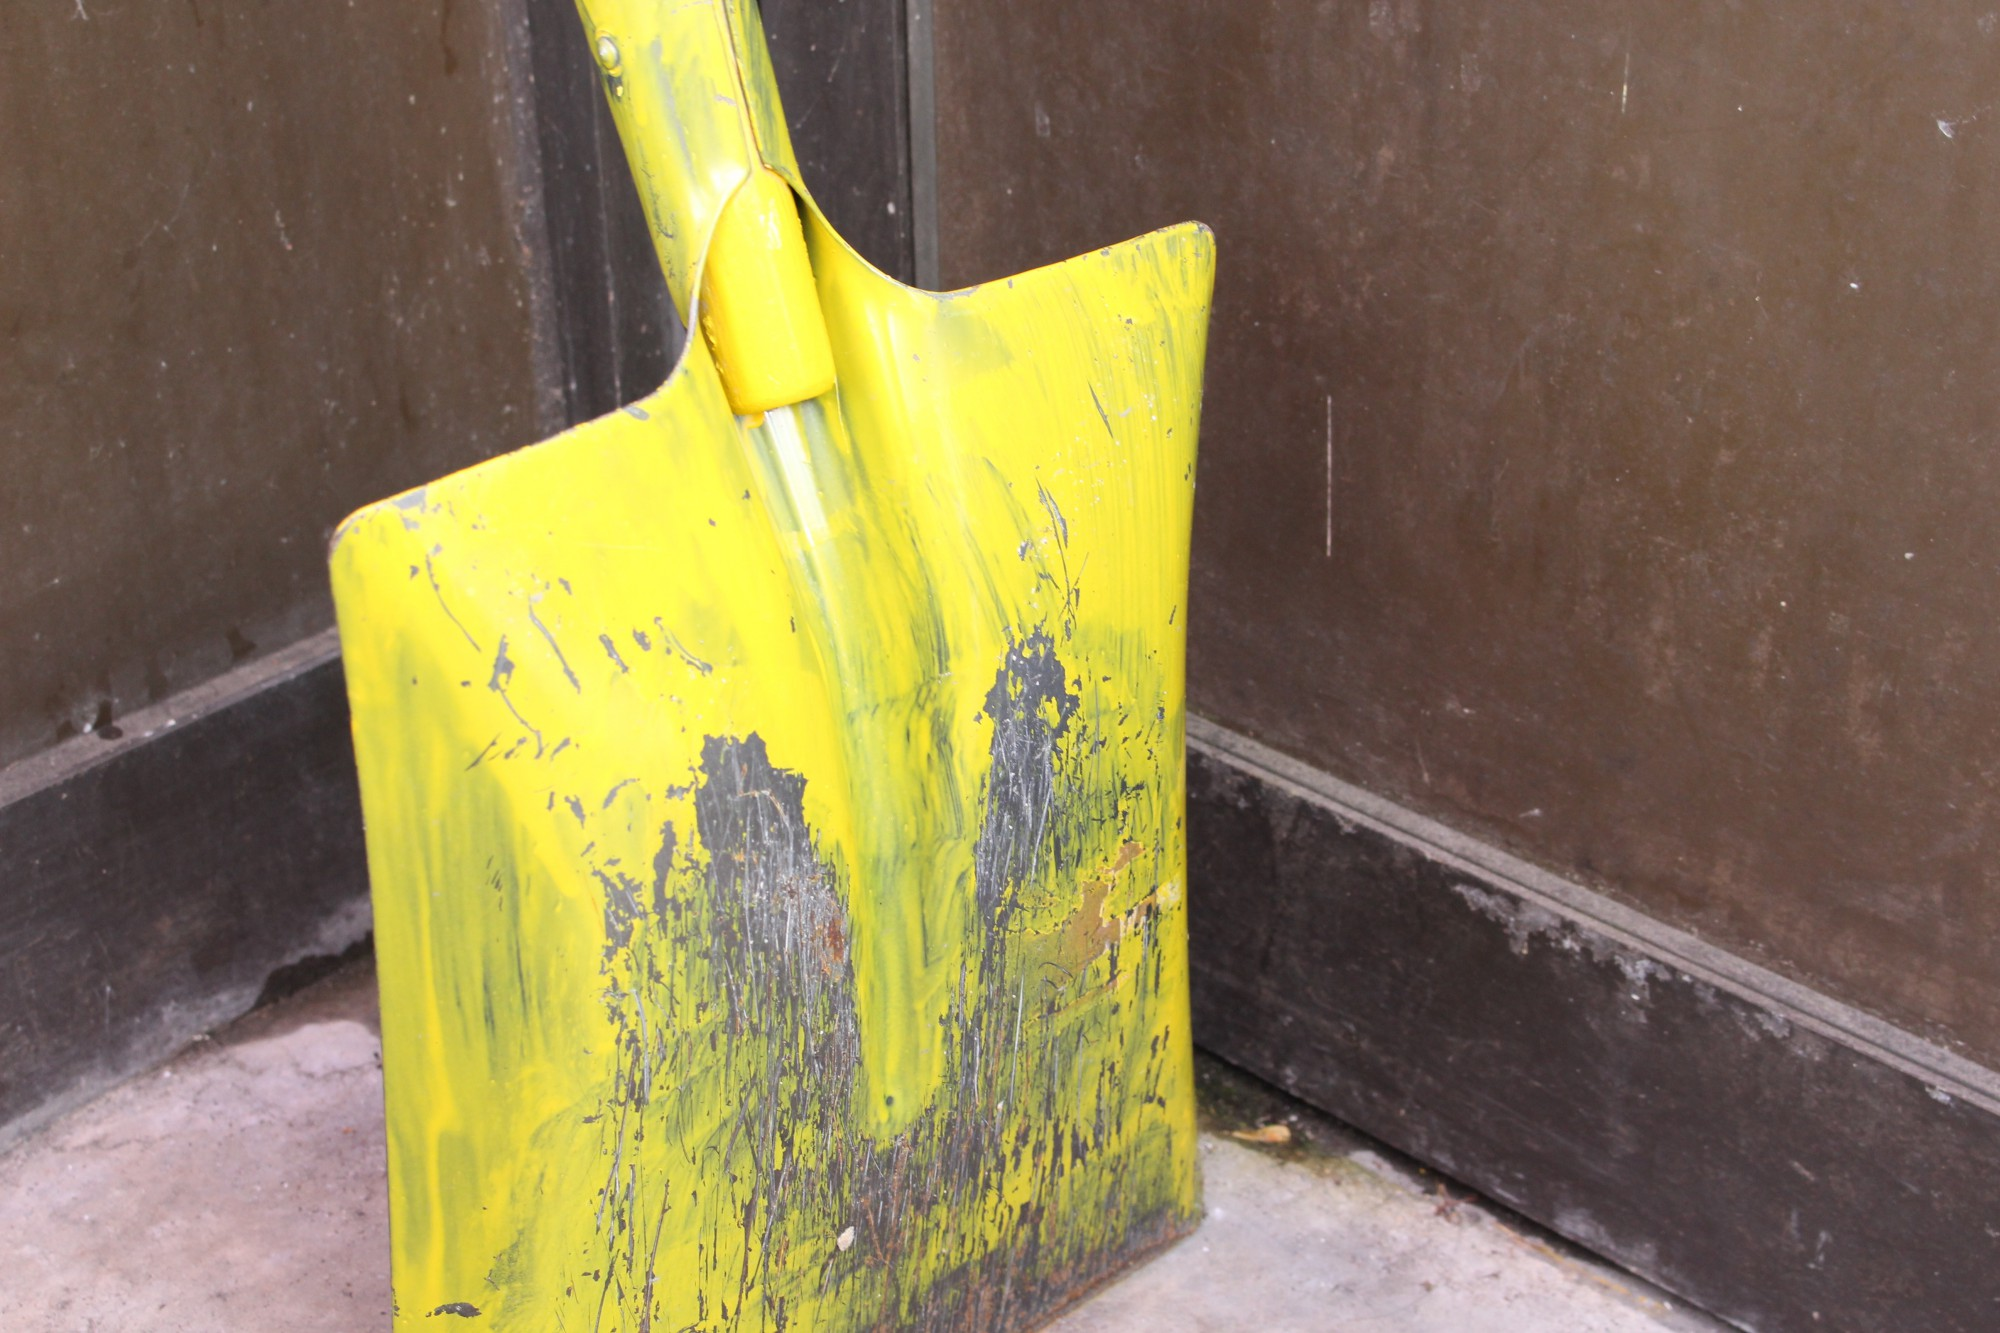 手作業で塗られた黄色いスコップは、塗装が落ちてくると越後交通の皆さんで塗り直すそうです。